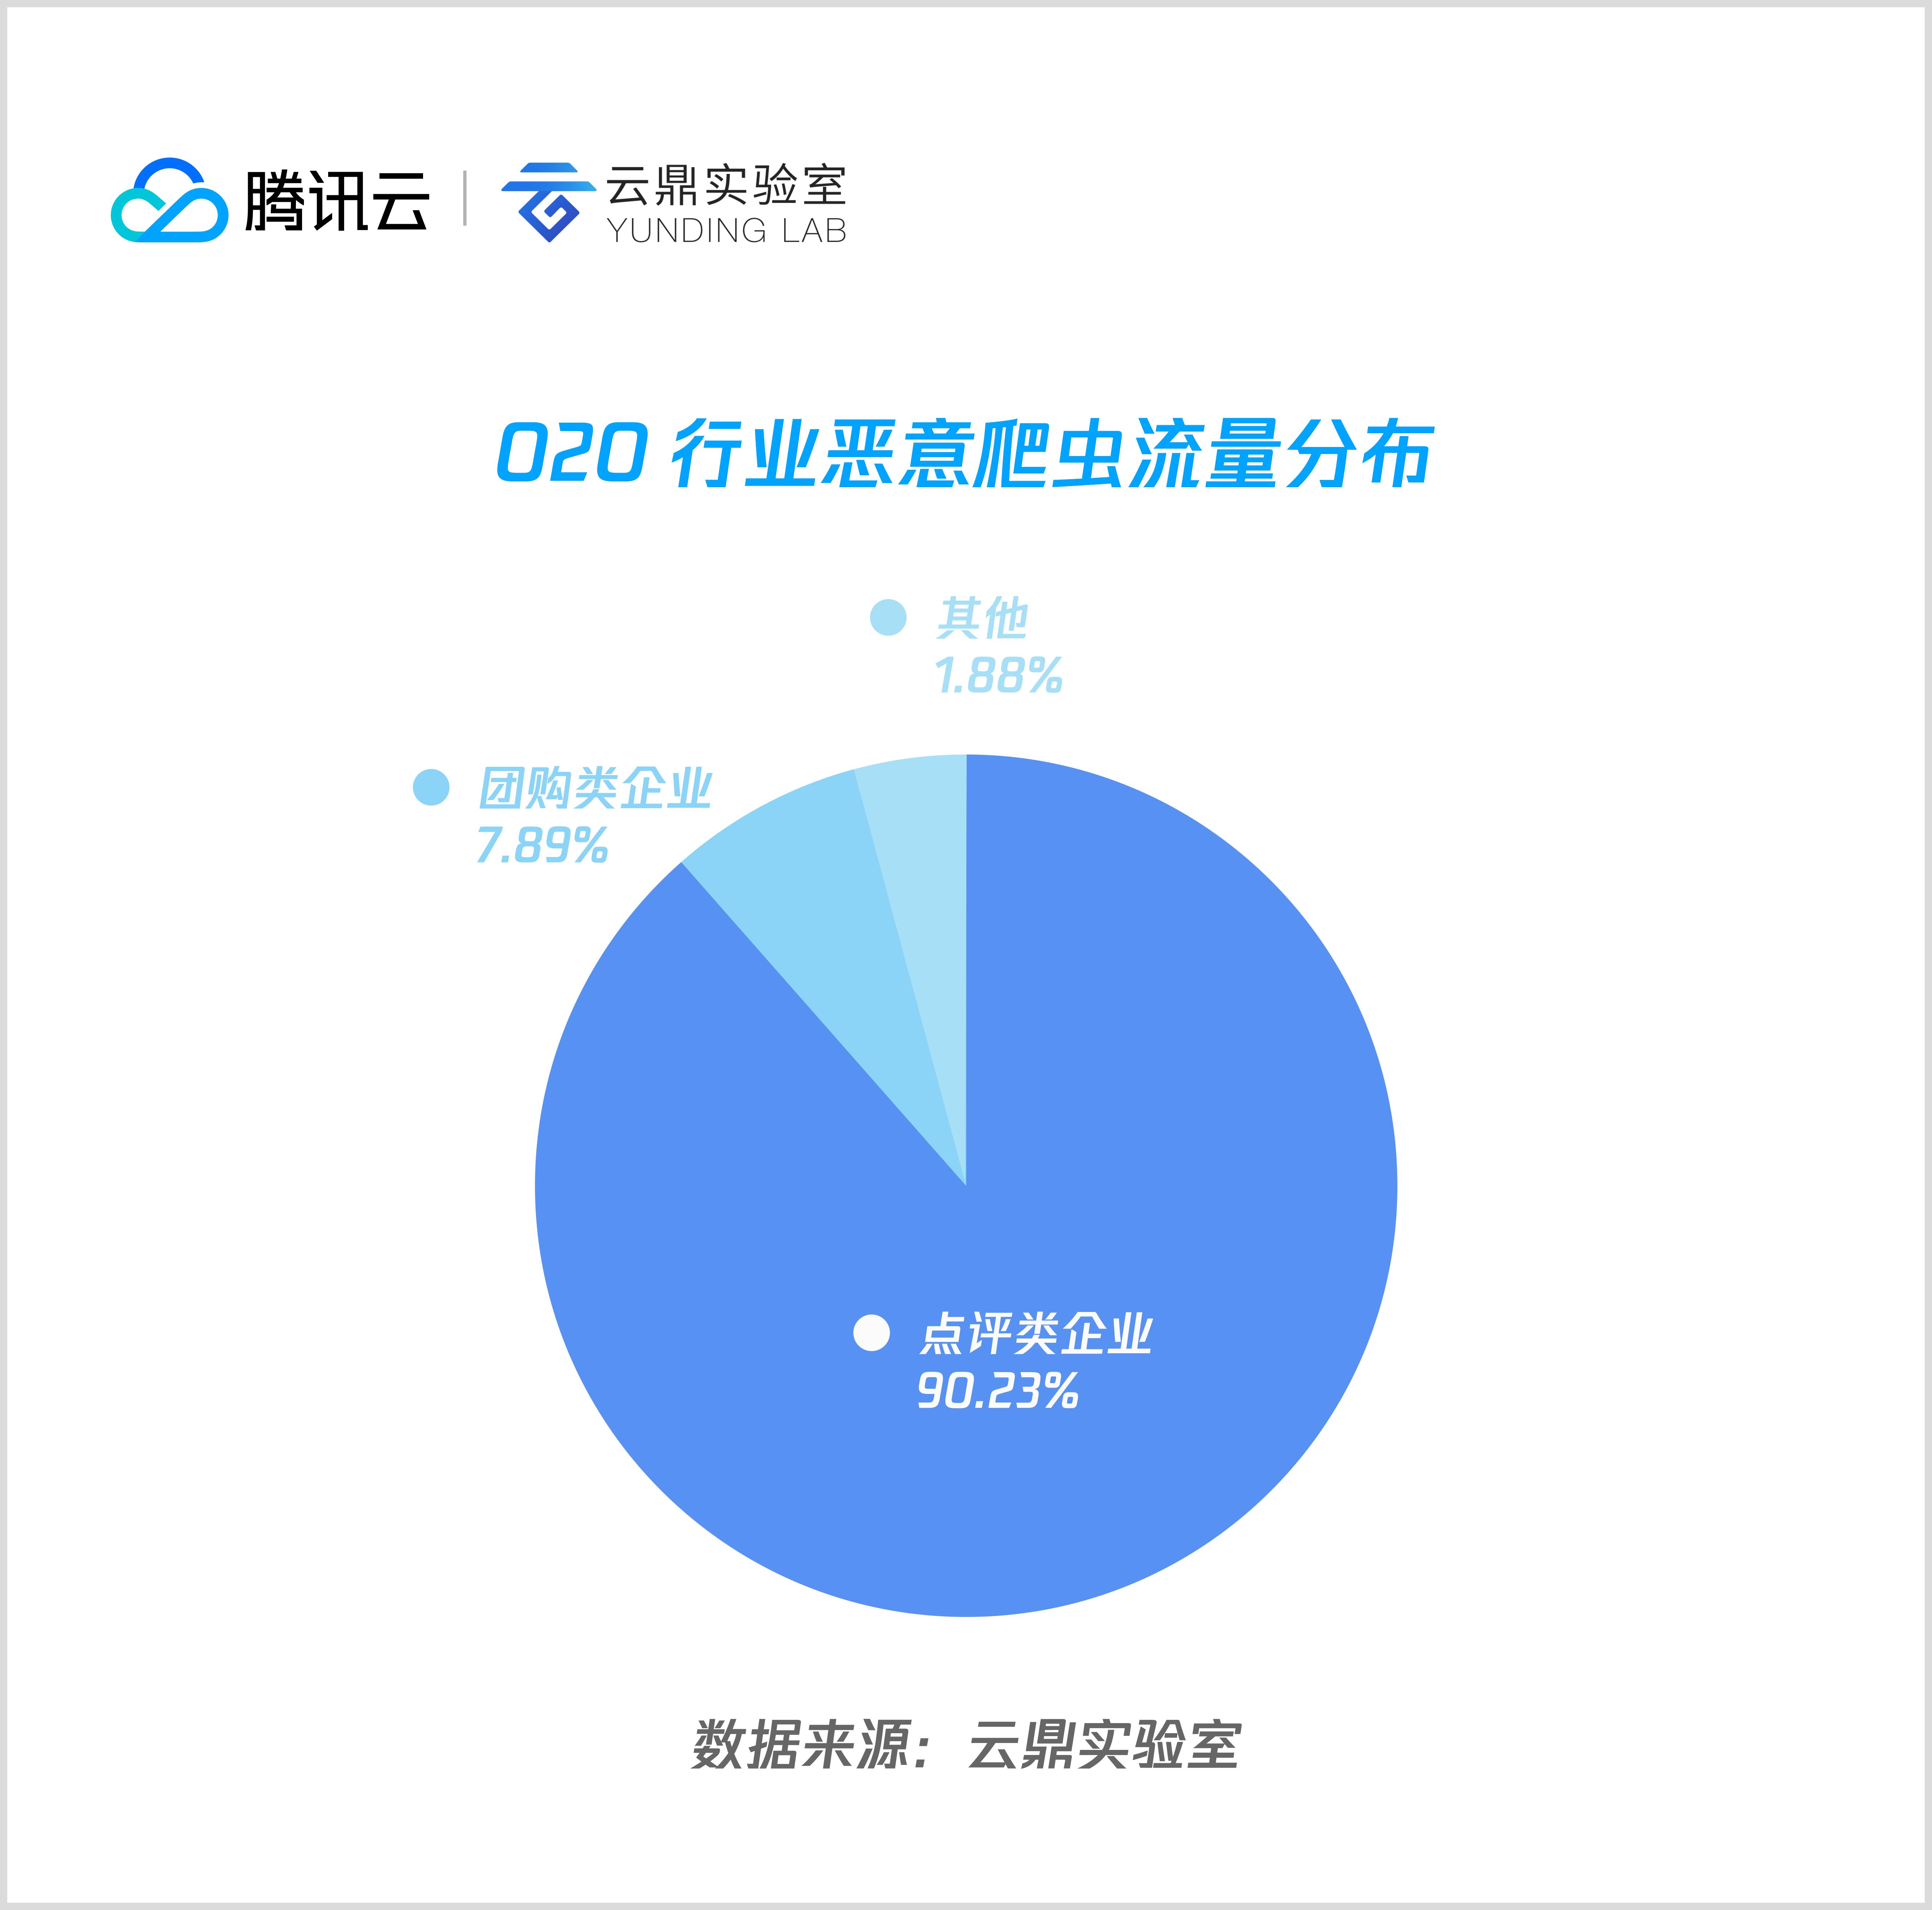 04 O2O 行业恶意爬虫流量分布.png